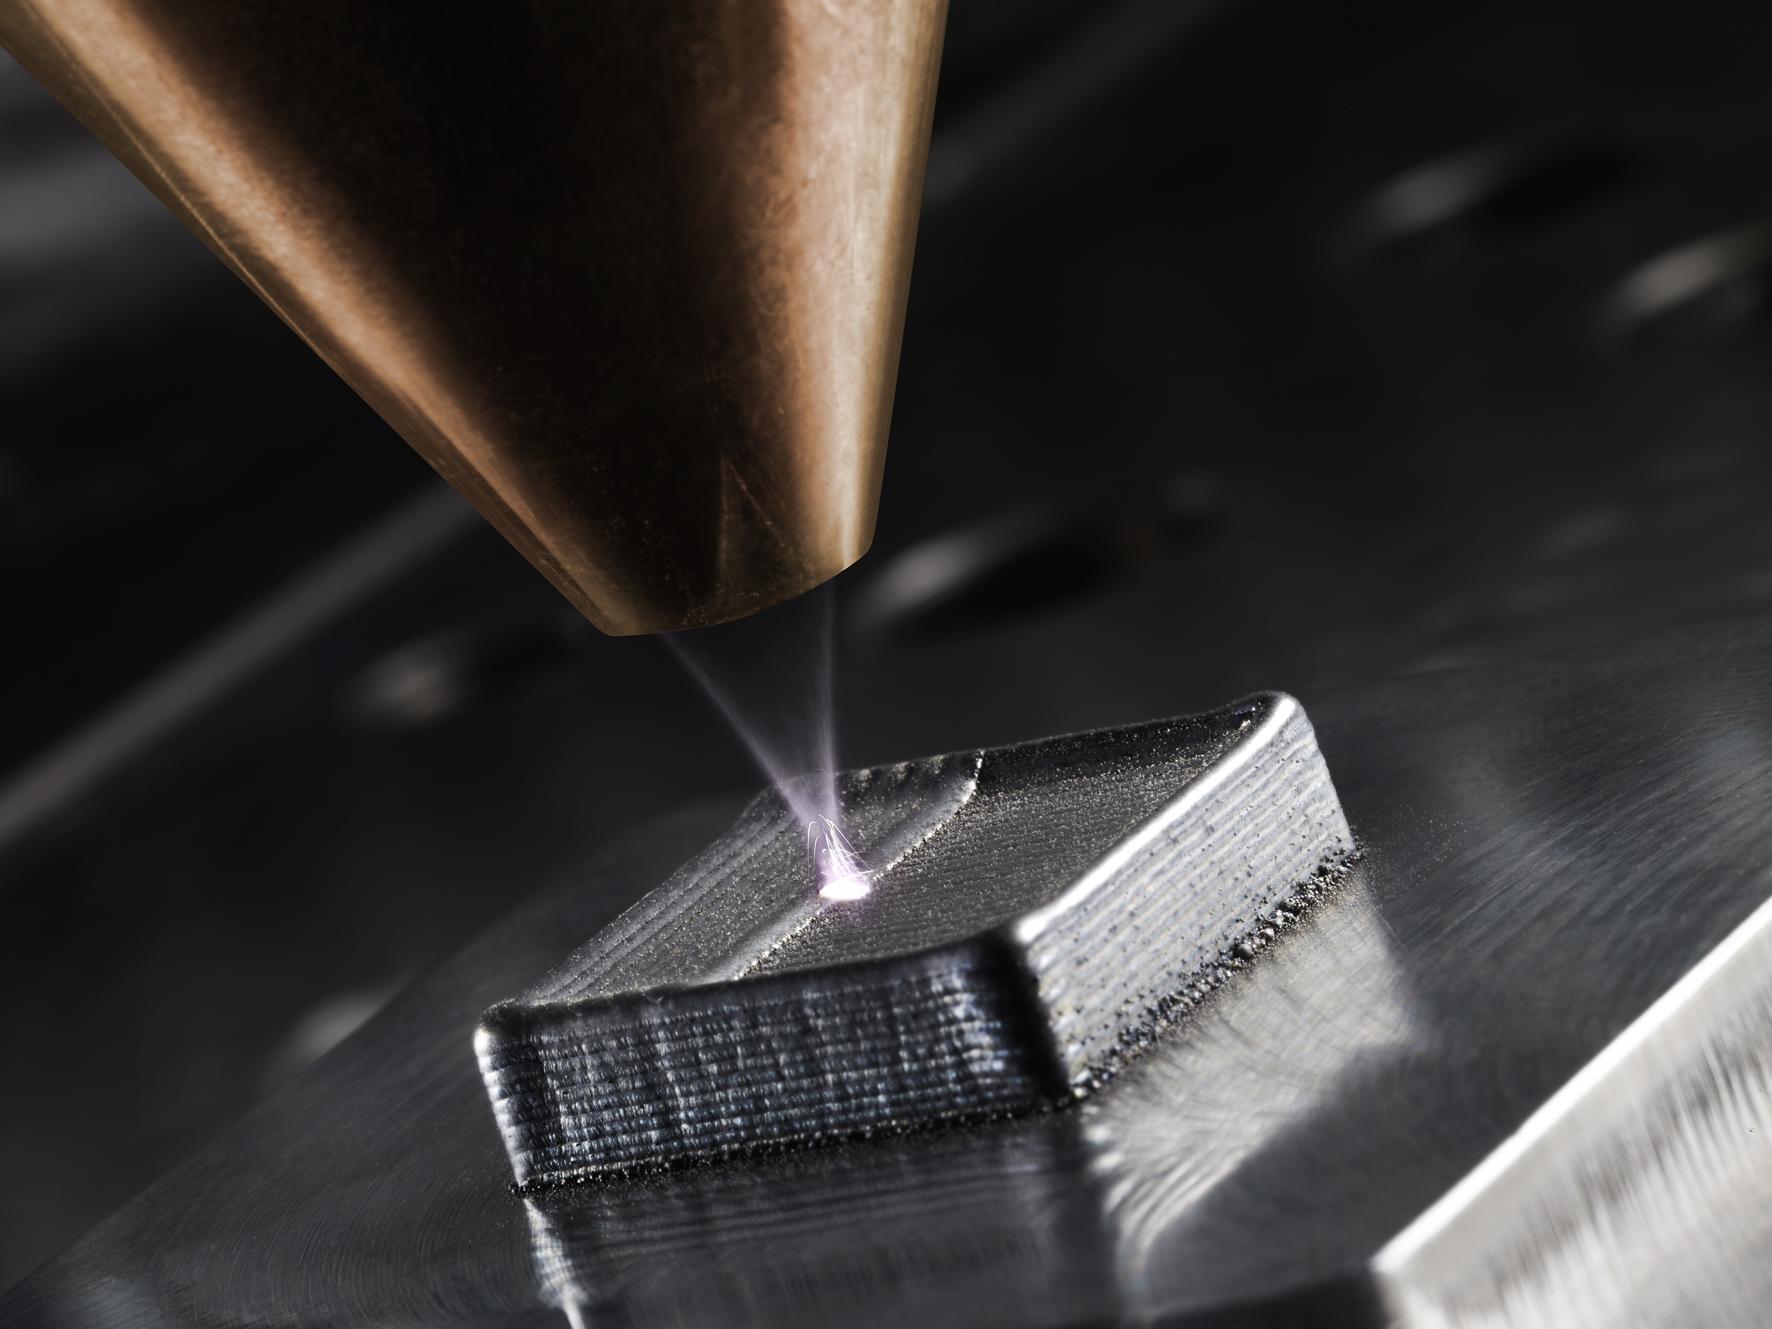 米国立標準技術研究所、次世代スマート技術がアメリカ製造業の製造コストを1000億ドル削減と予想